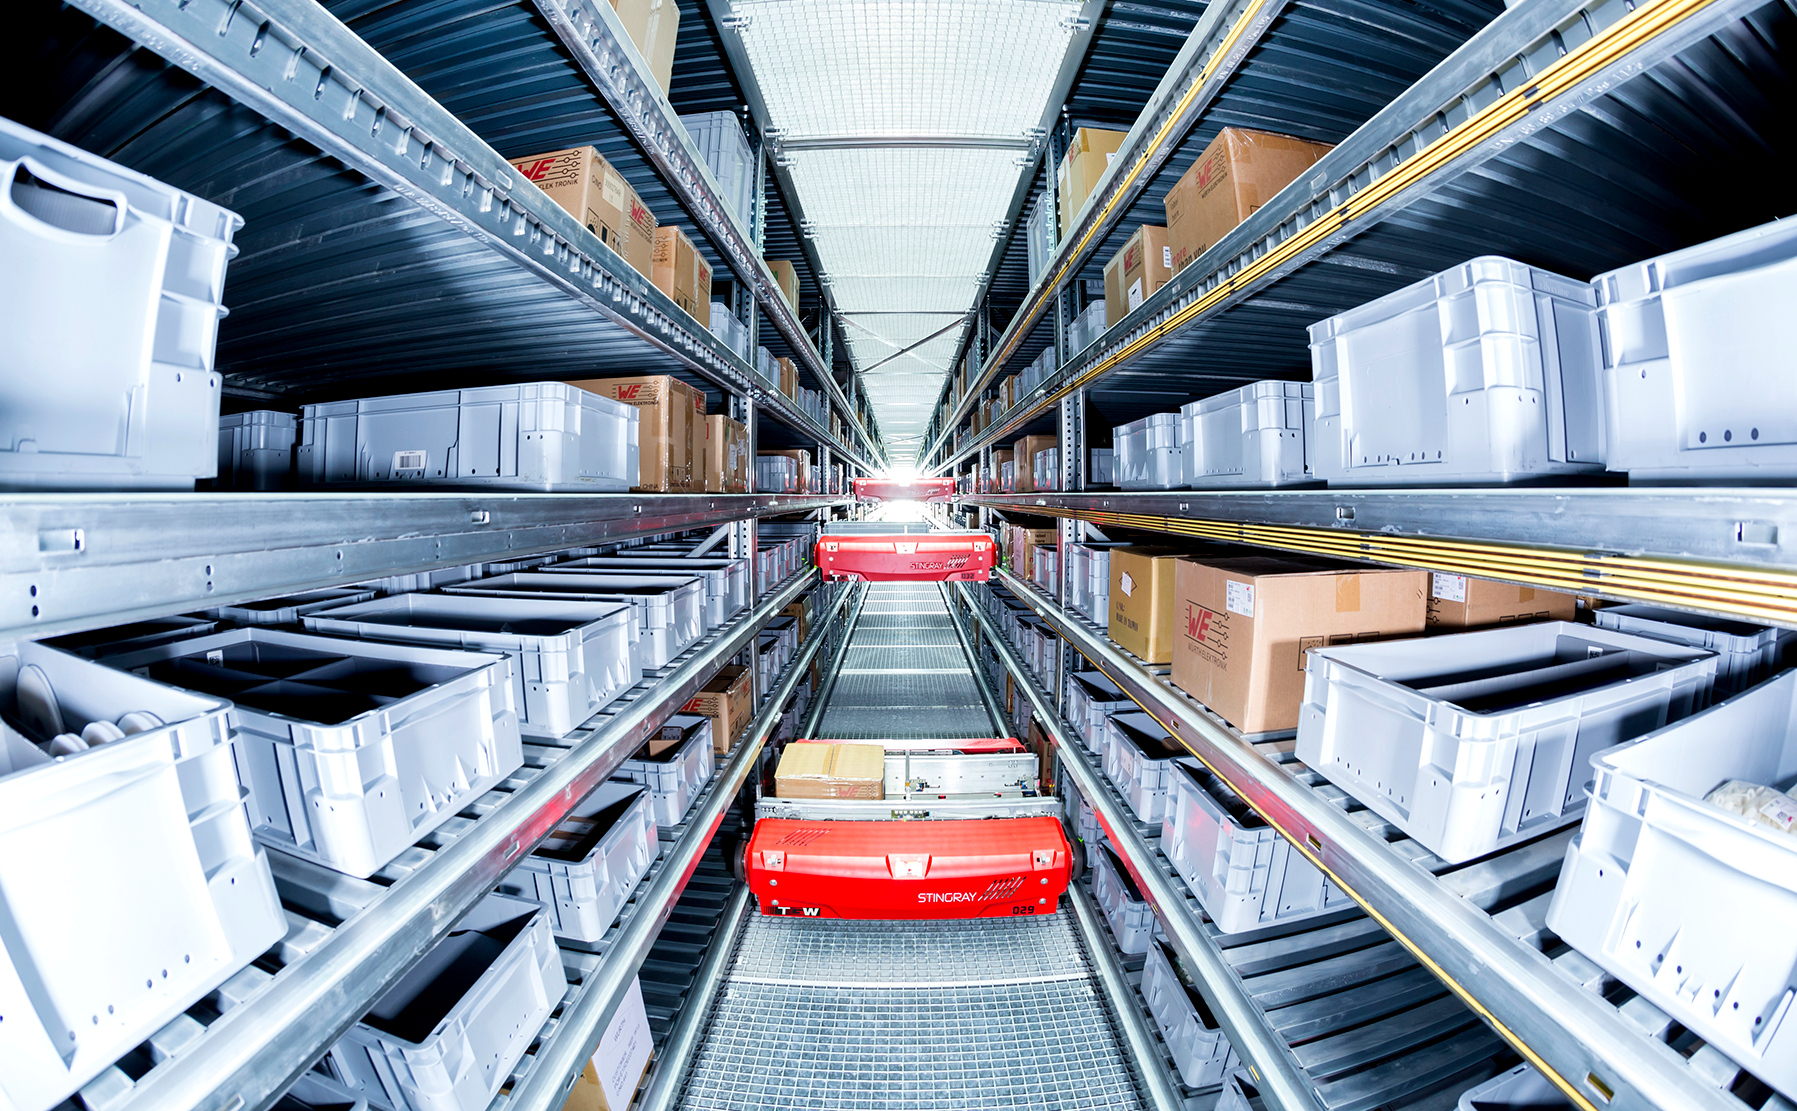 Spożywczy e-sklep zautomatyzował centrum dystrybucyjne. Teraz może realizować 4 tys. zleceń na godzinę